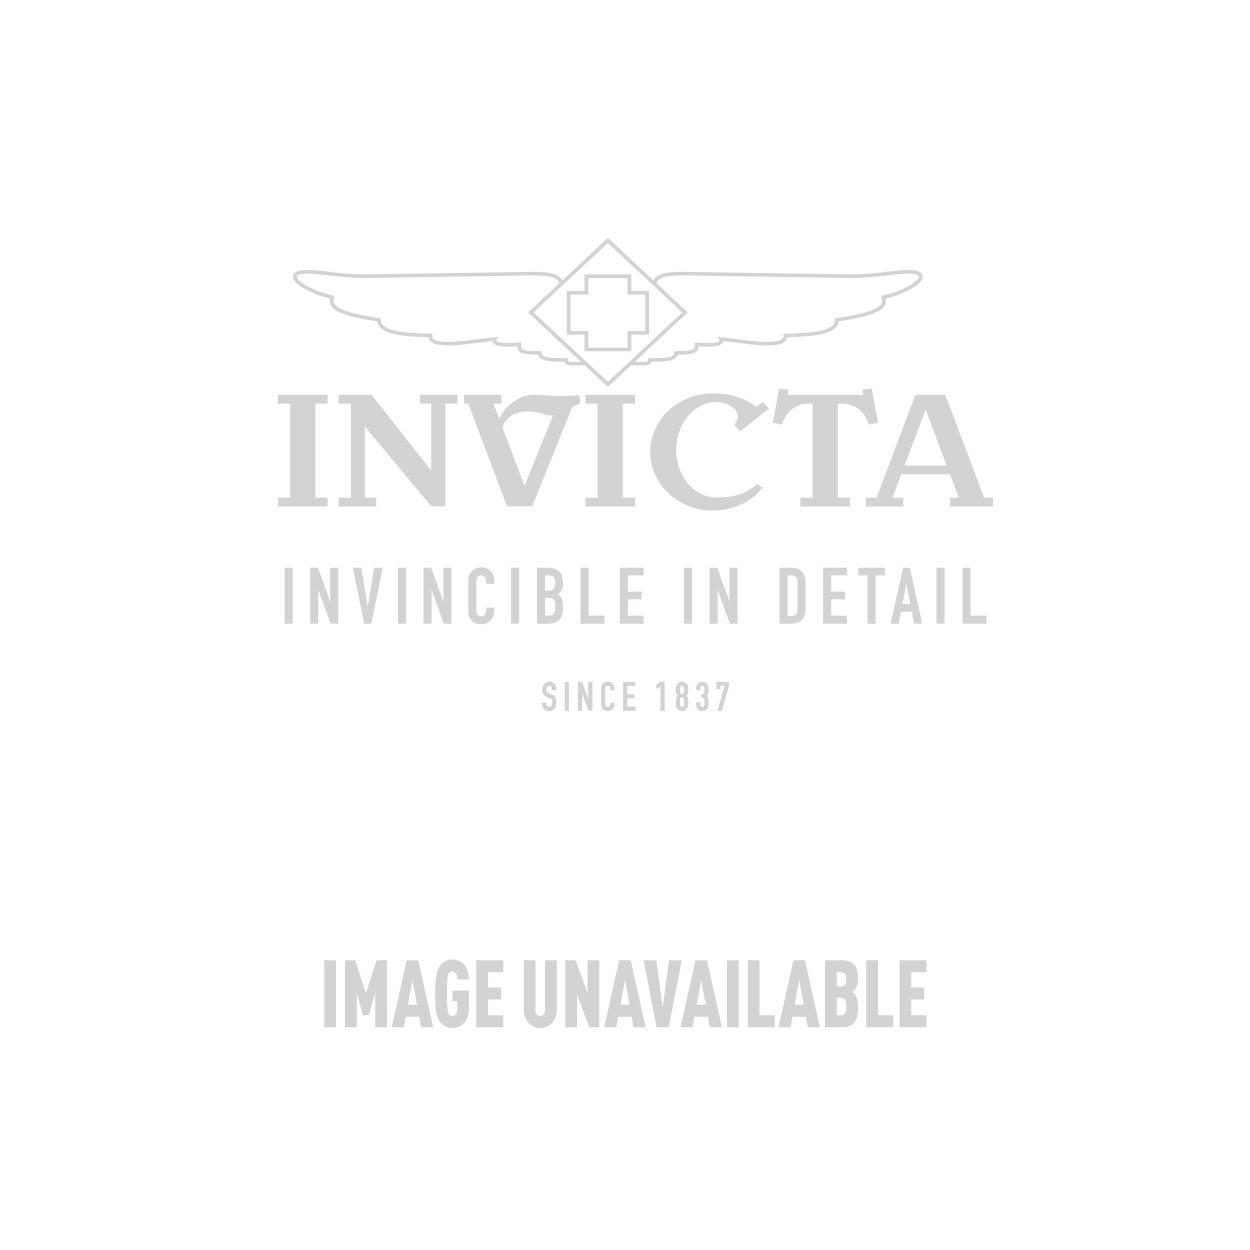 INVICTA Jewelry DORINN Earrings None 9.6 Silver 925 Rhodium+White - Model J0130